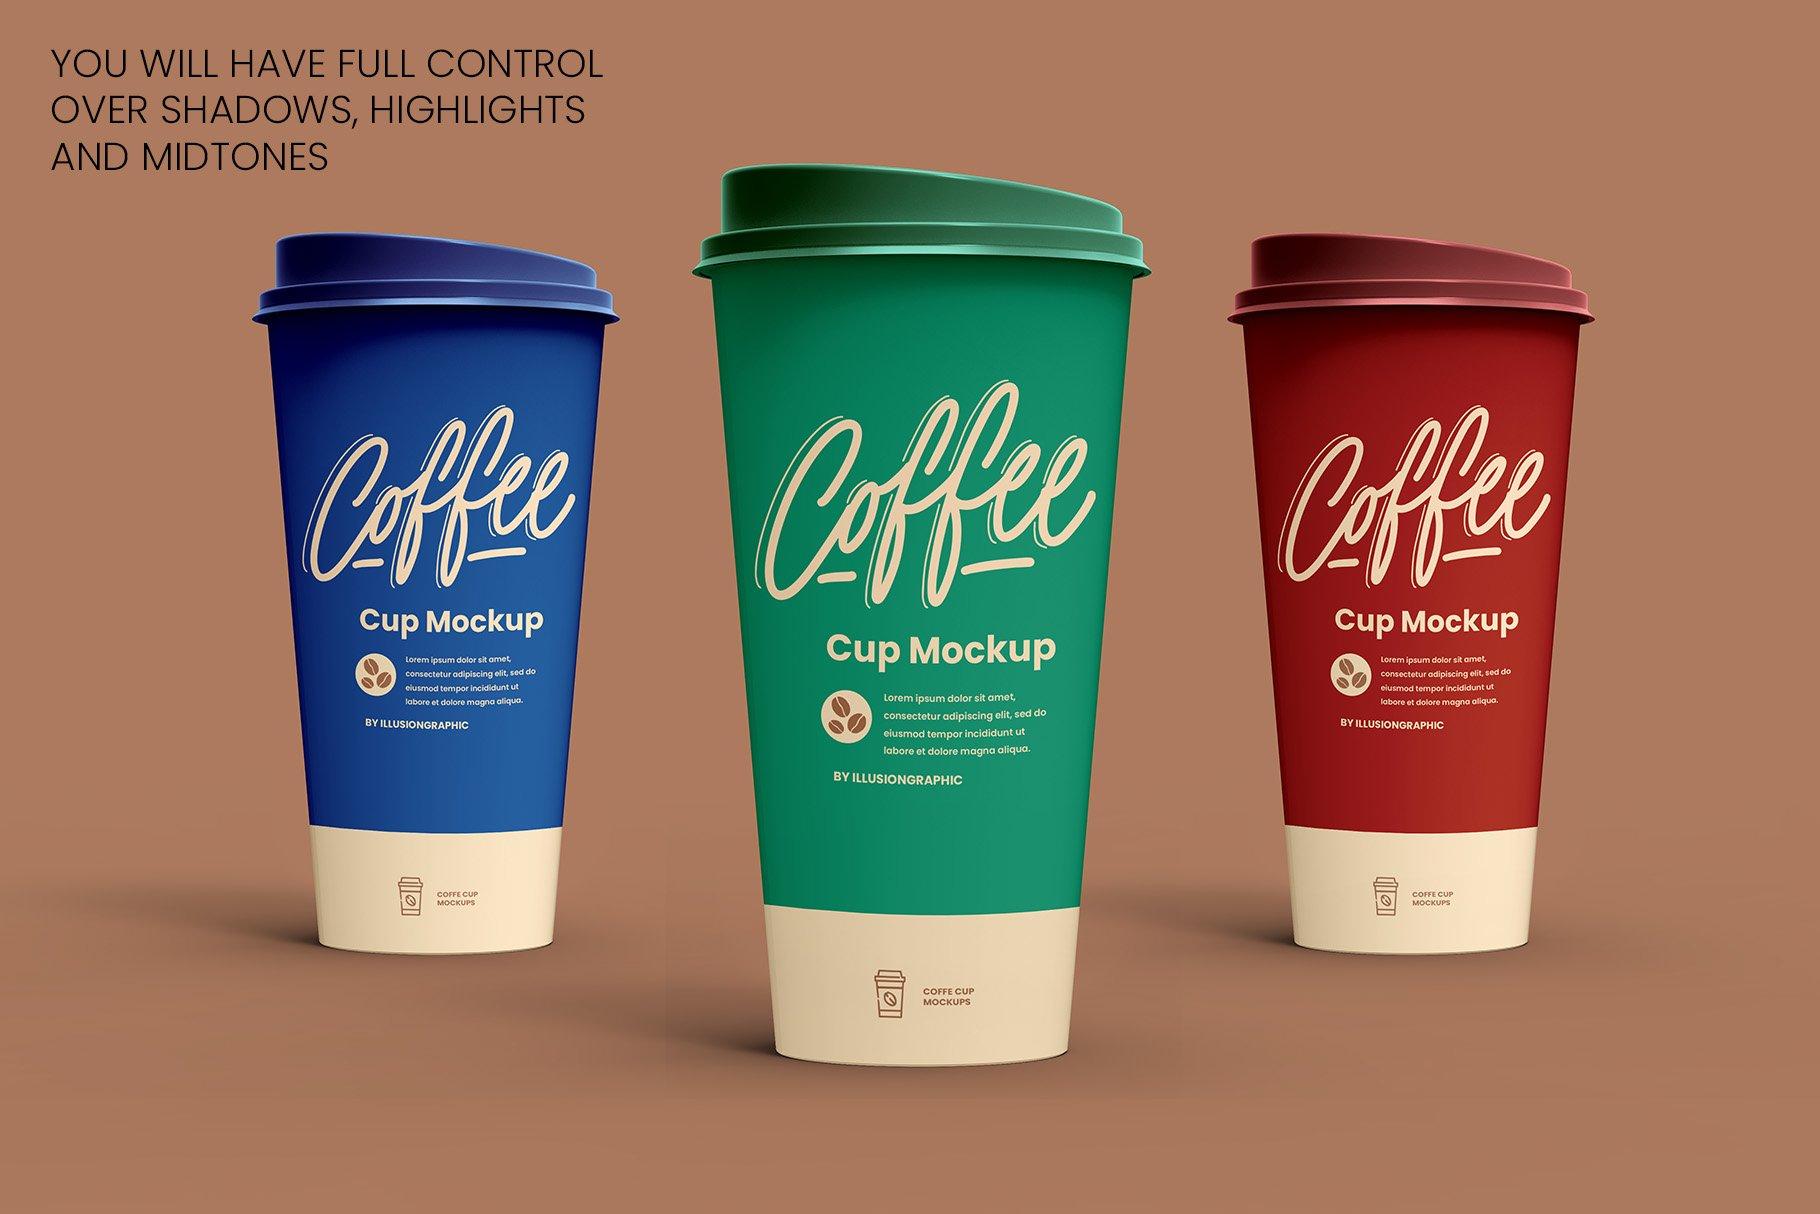 8个一次性咖啡外卖纸杯设计贴图样机模板 Coffee Cup Mockup – 8 views插图5